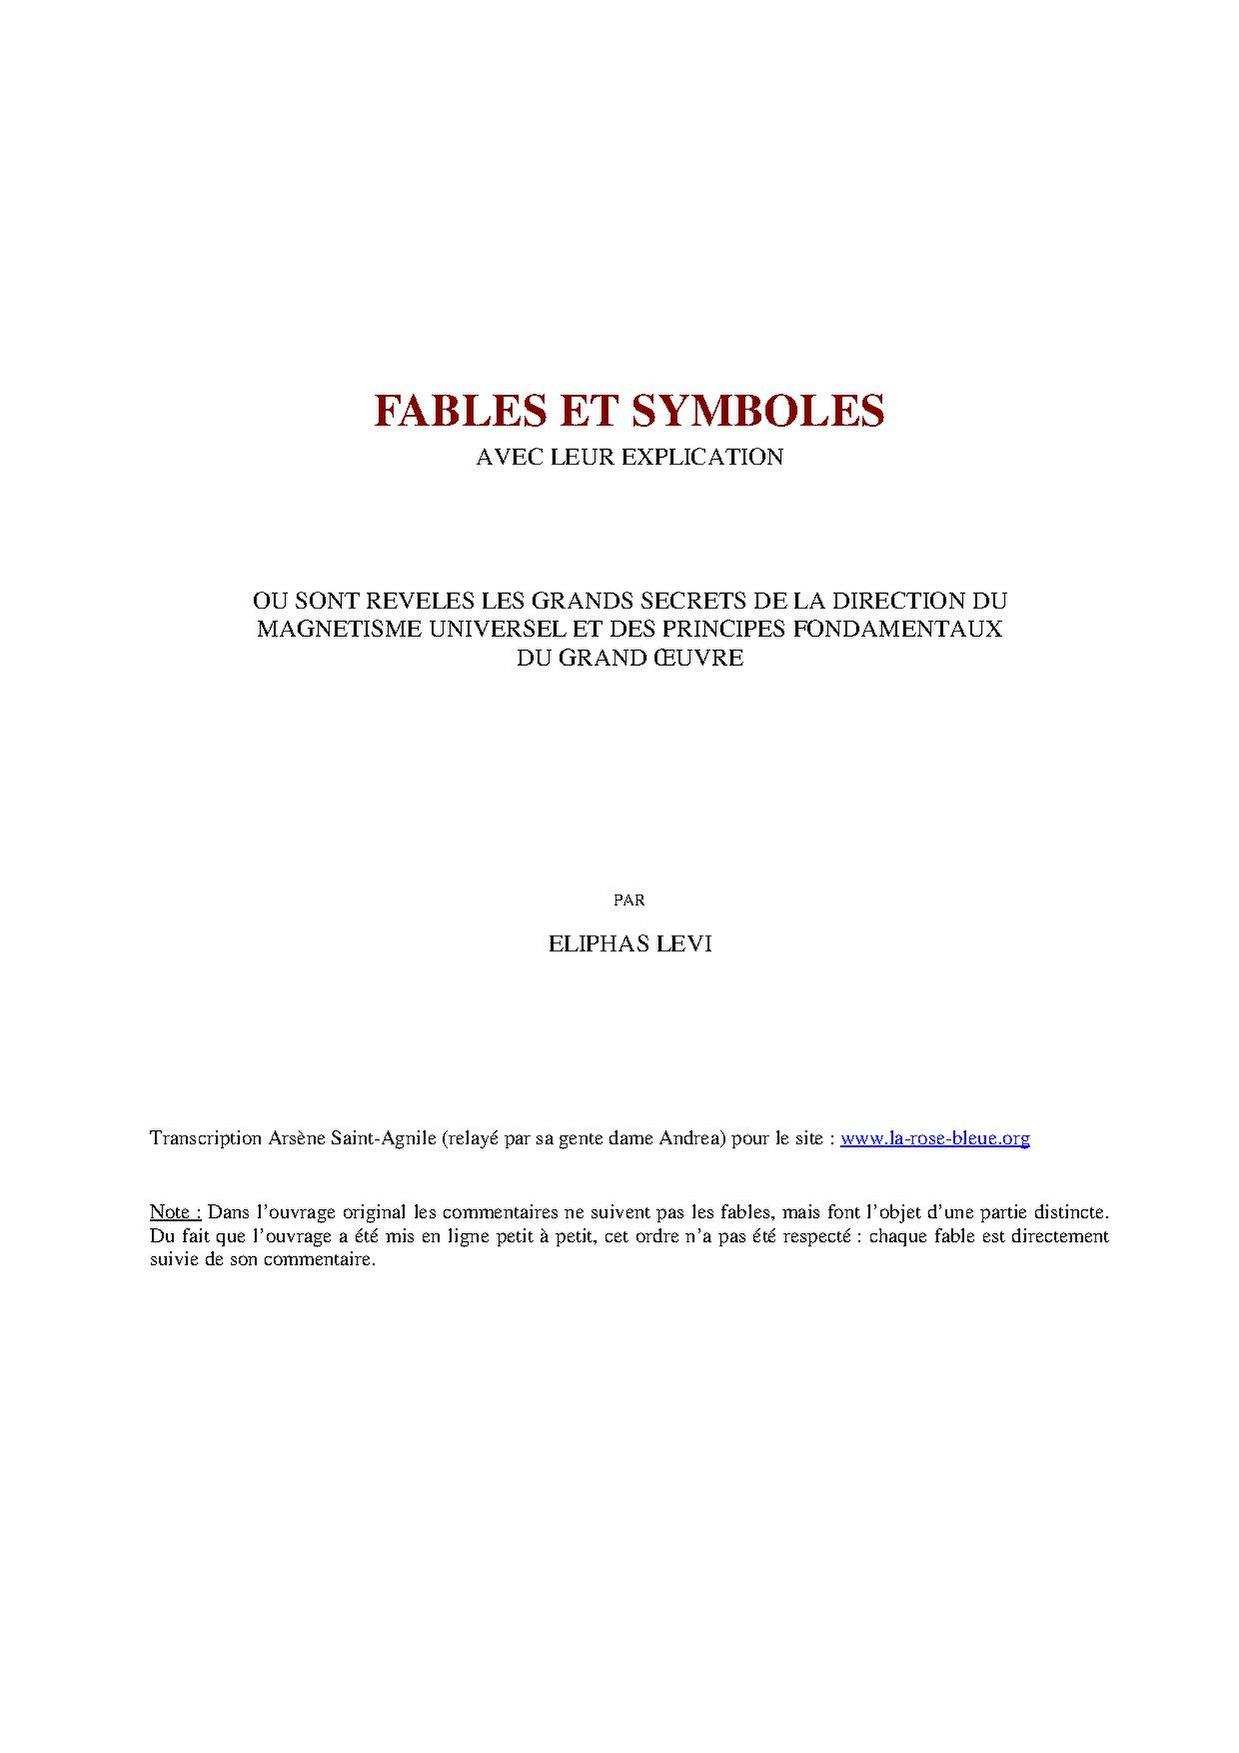 Eliphas Levi - Fables et Symboles.pdf